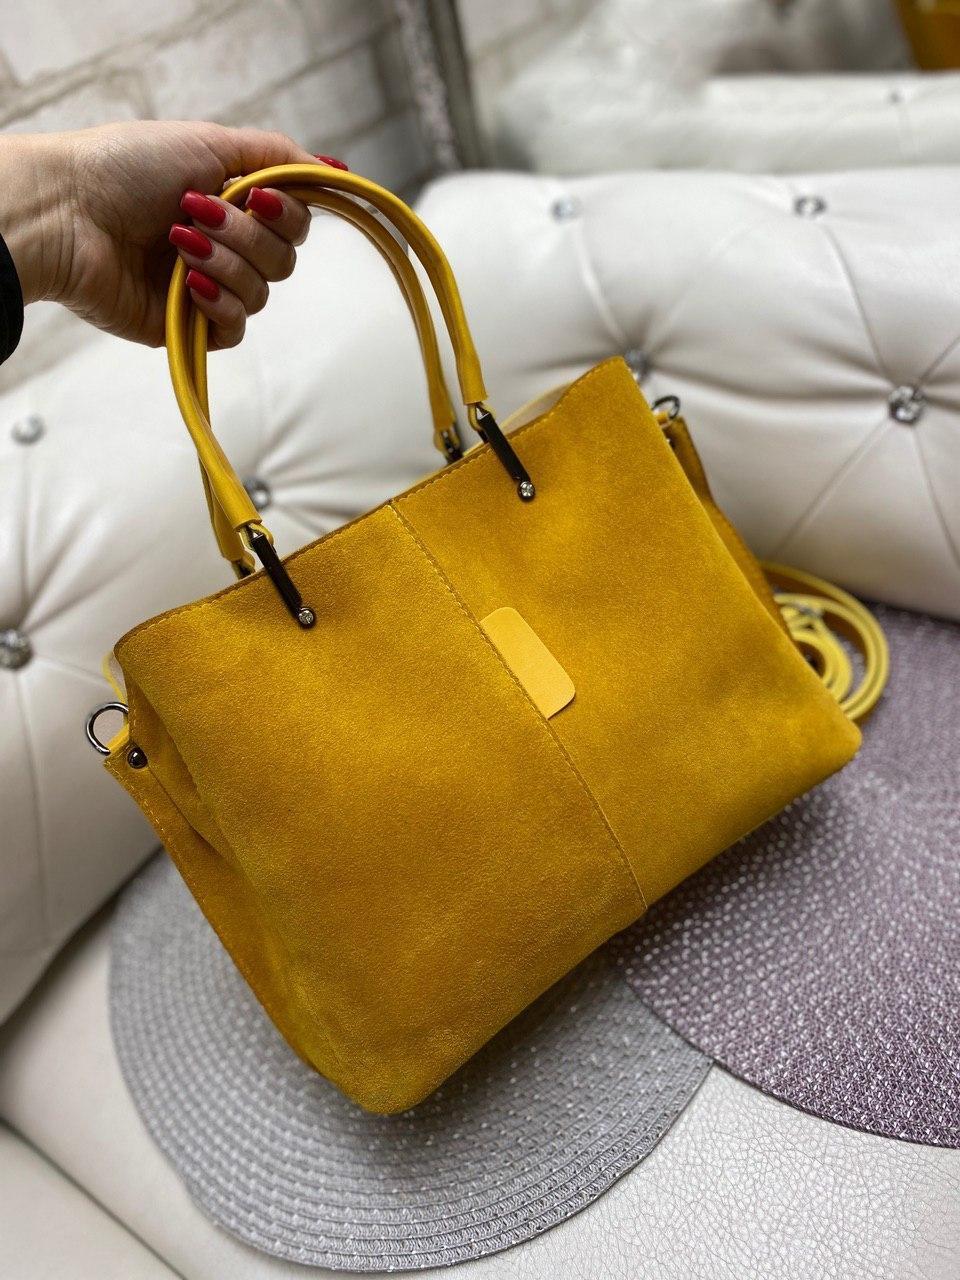 Женская замшевая сумка классическая вместительная сумочка яркая желтая замша+экокожа